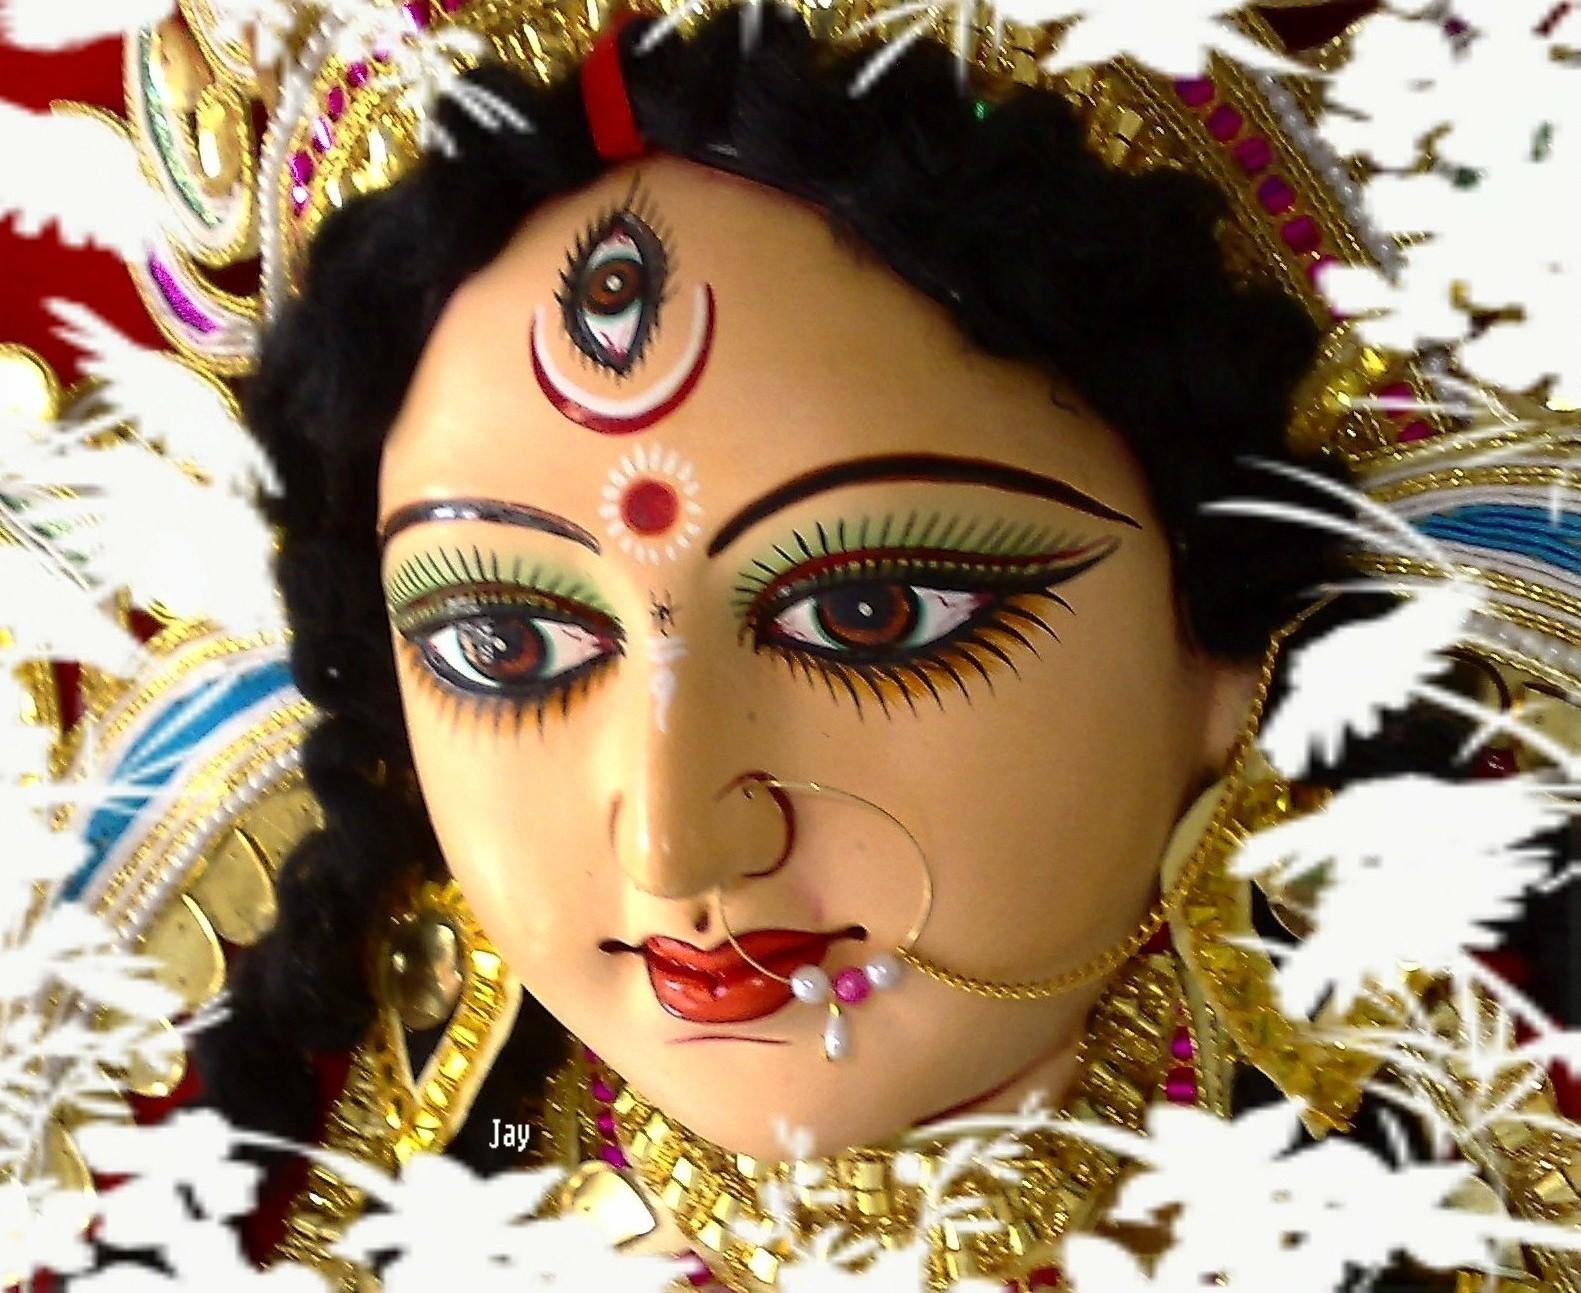 http://1.bp.blogspot.com/-5K0CTEv5JMI/TqVEoZLbHQI/AAAAAAAAB3I/9SmAWFa1XGw/s1600/Jai-Maa-Durga.jpg